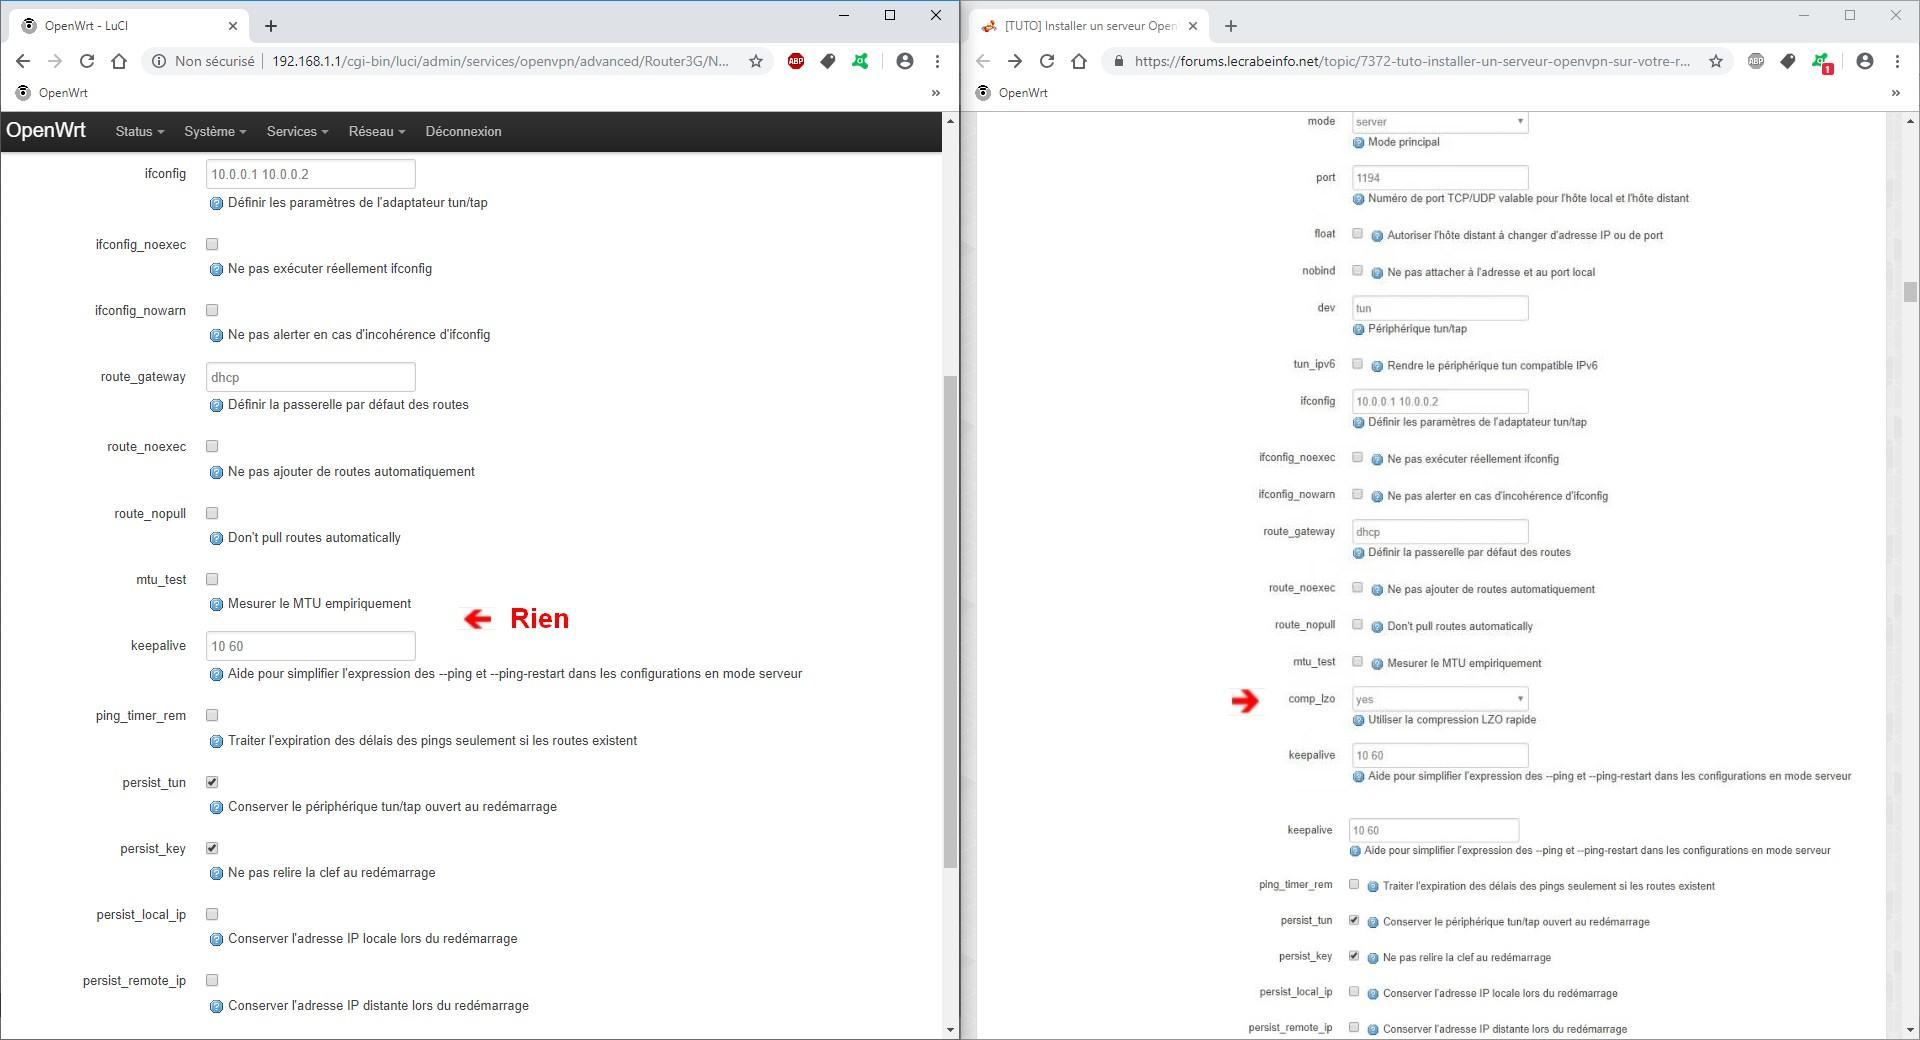 TUTO] Installer un serveur OpenVPN sur votre routeur OpenWrt / LEDE